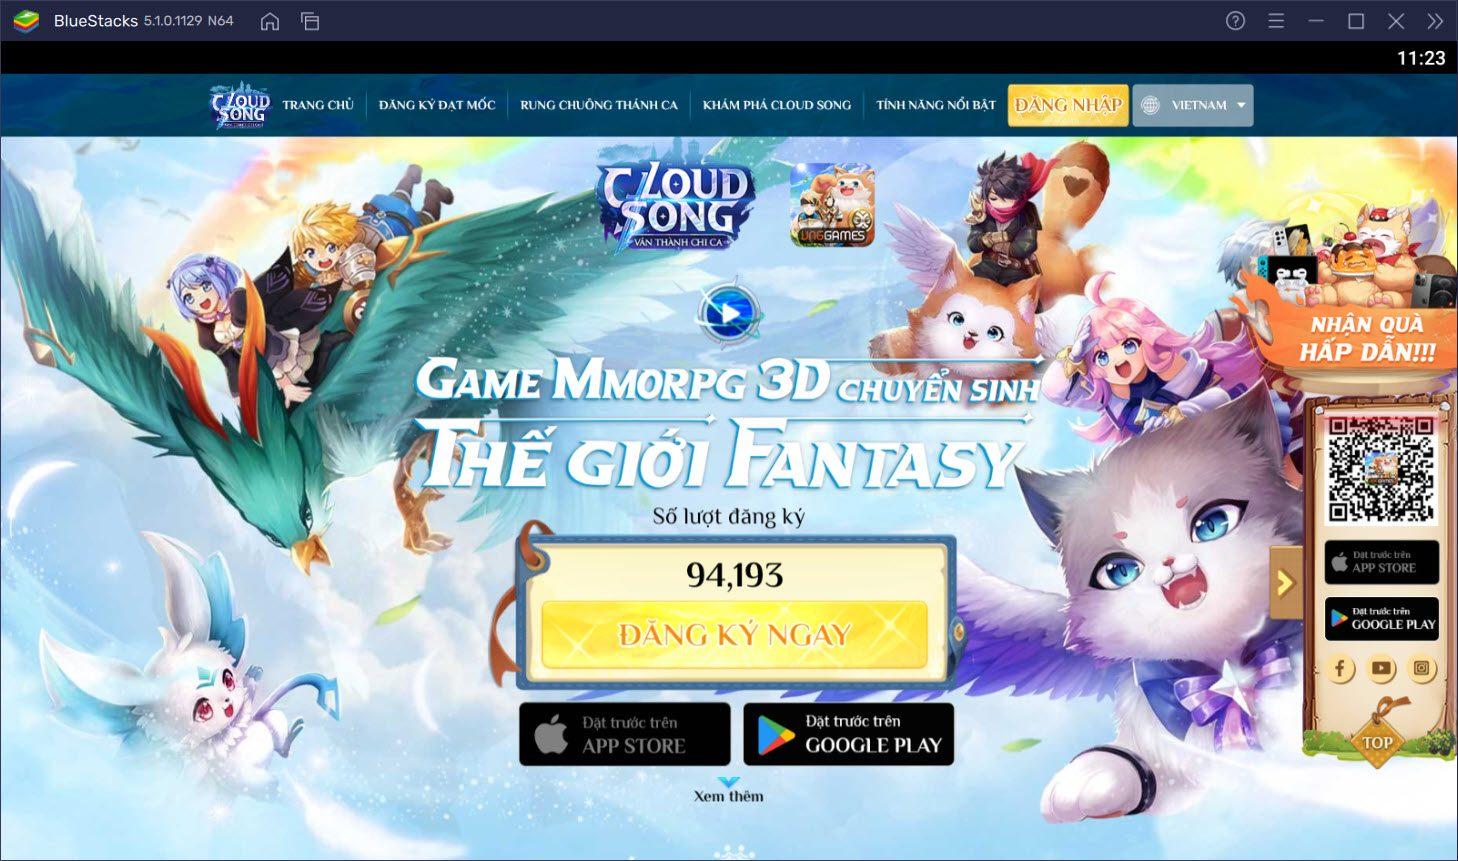 Top 6 game mobile hấp dẫn sẽ ra mắt trong tháng 8